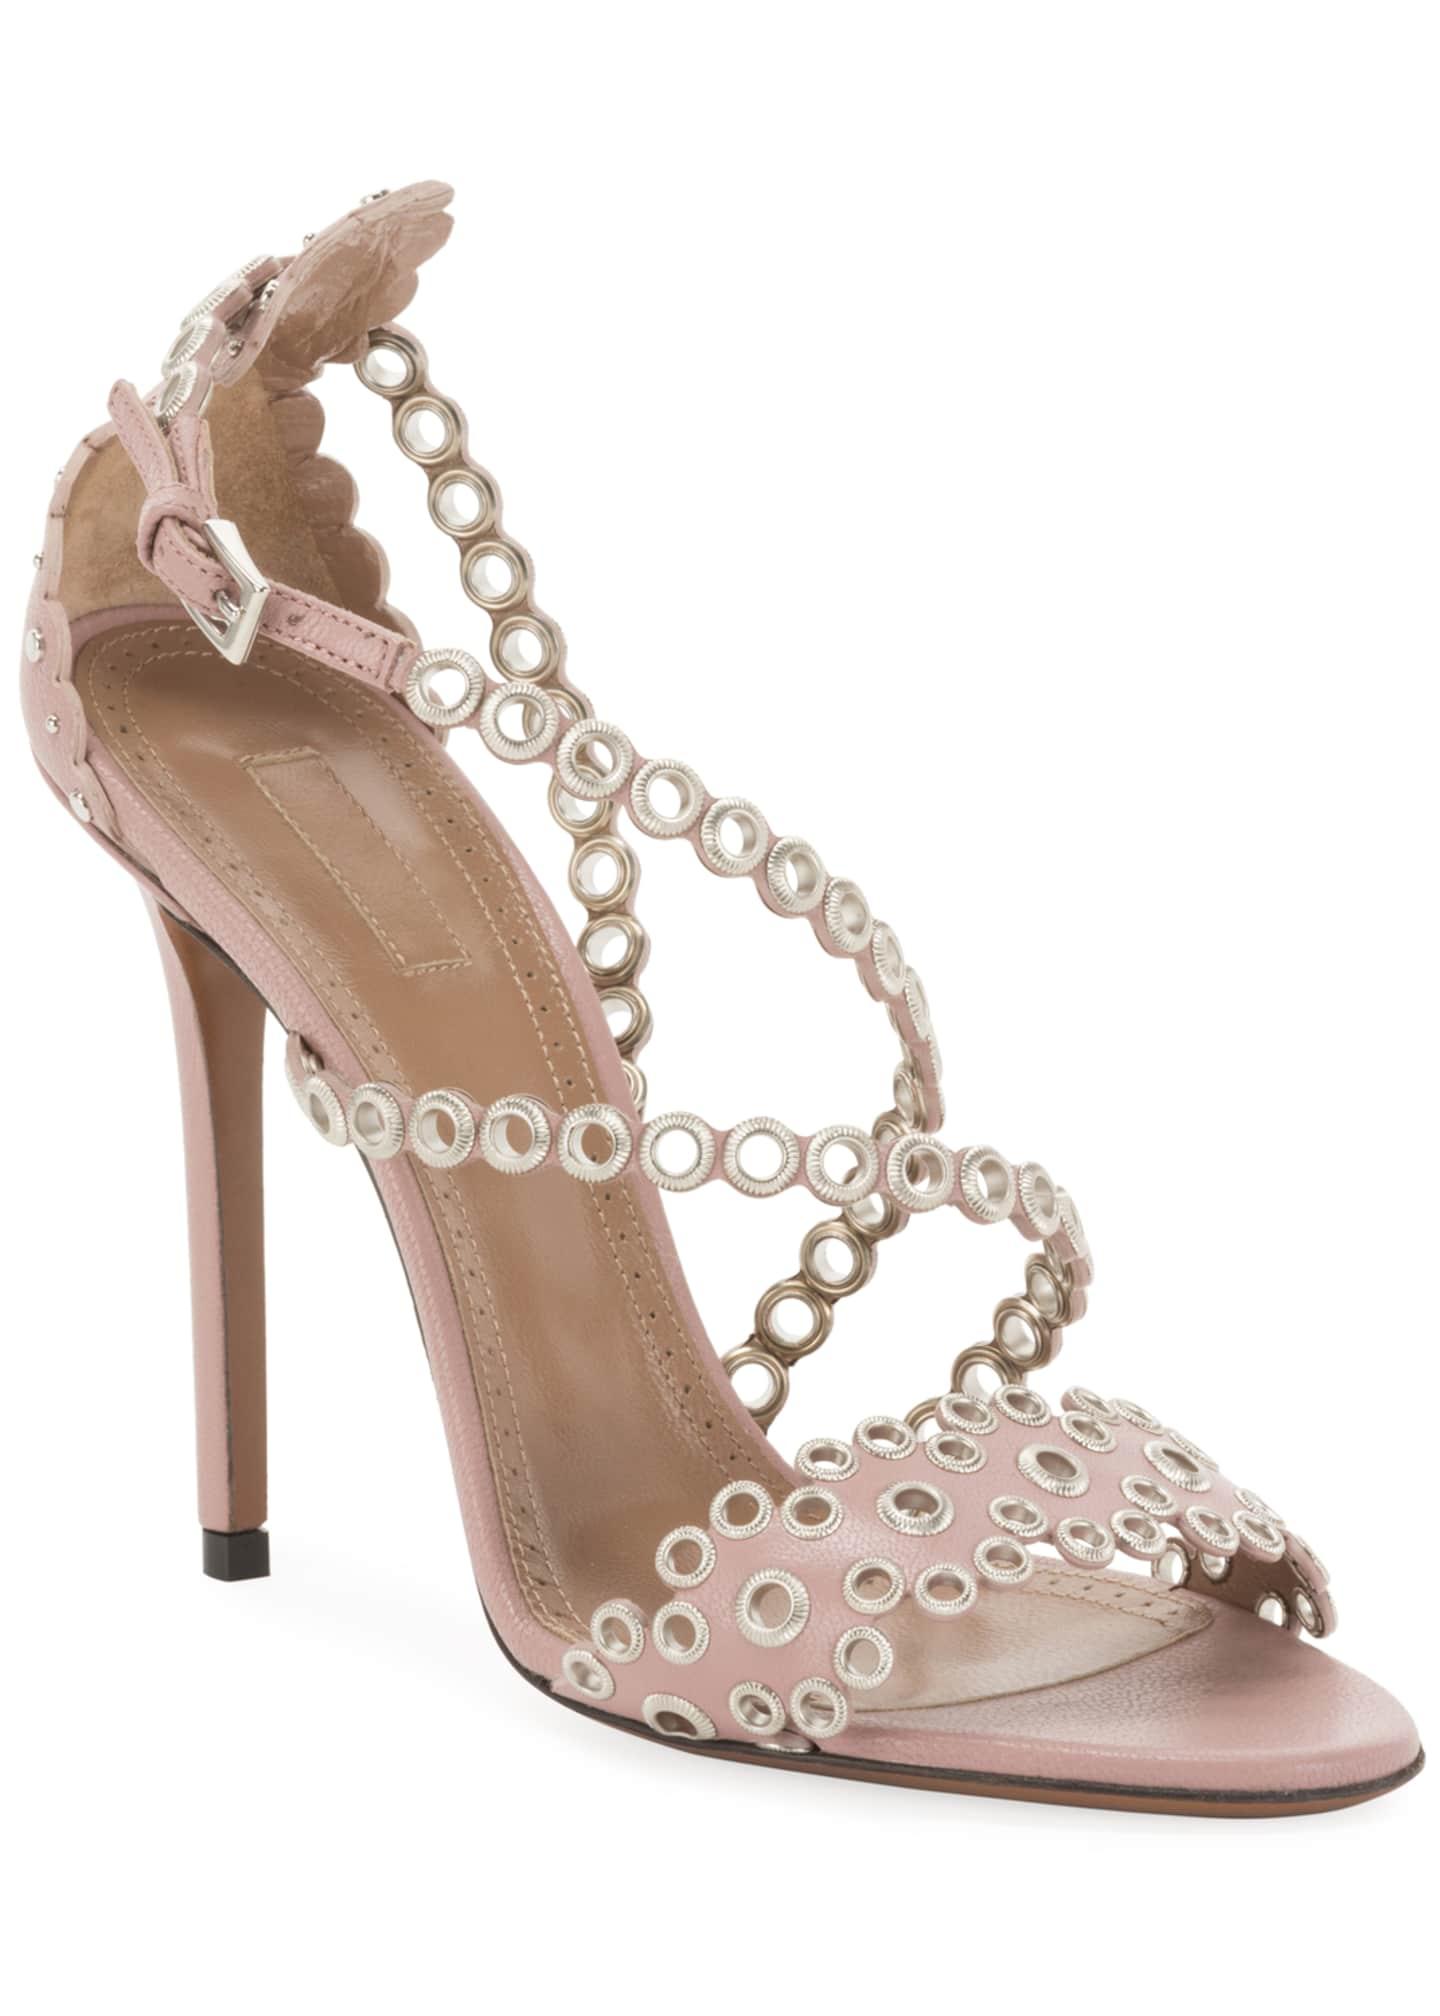 ALAIA Grommet Crisscross 110mm Leather Sandals